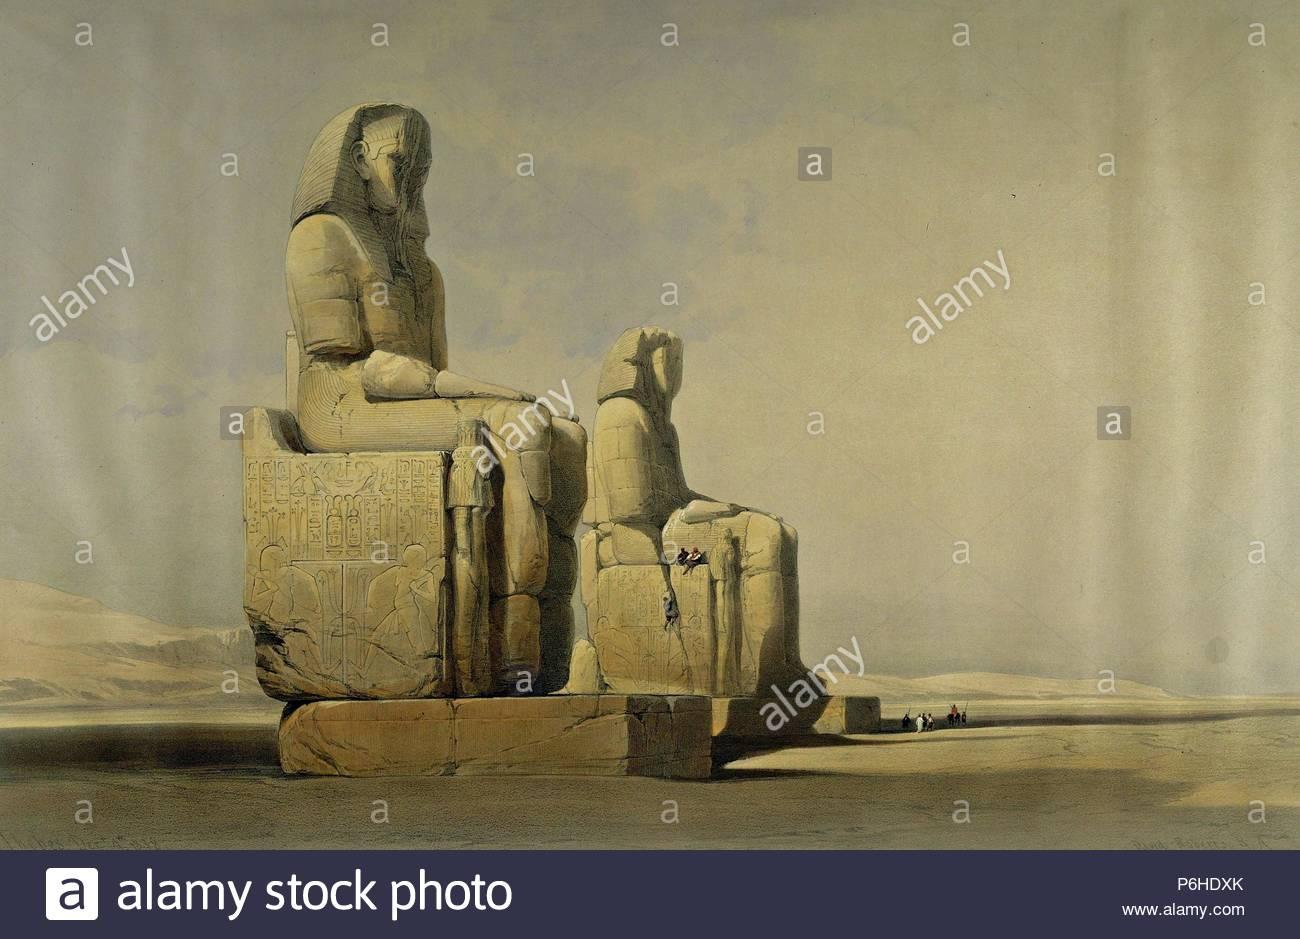 Los colosos de memmon estatua Amenphis III, litografía de David Roberts, 1838. Foto de stock